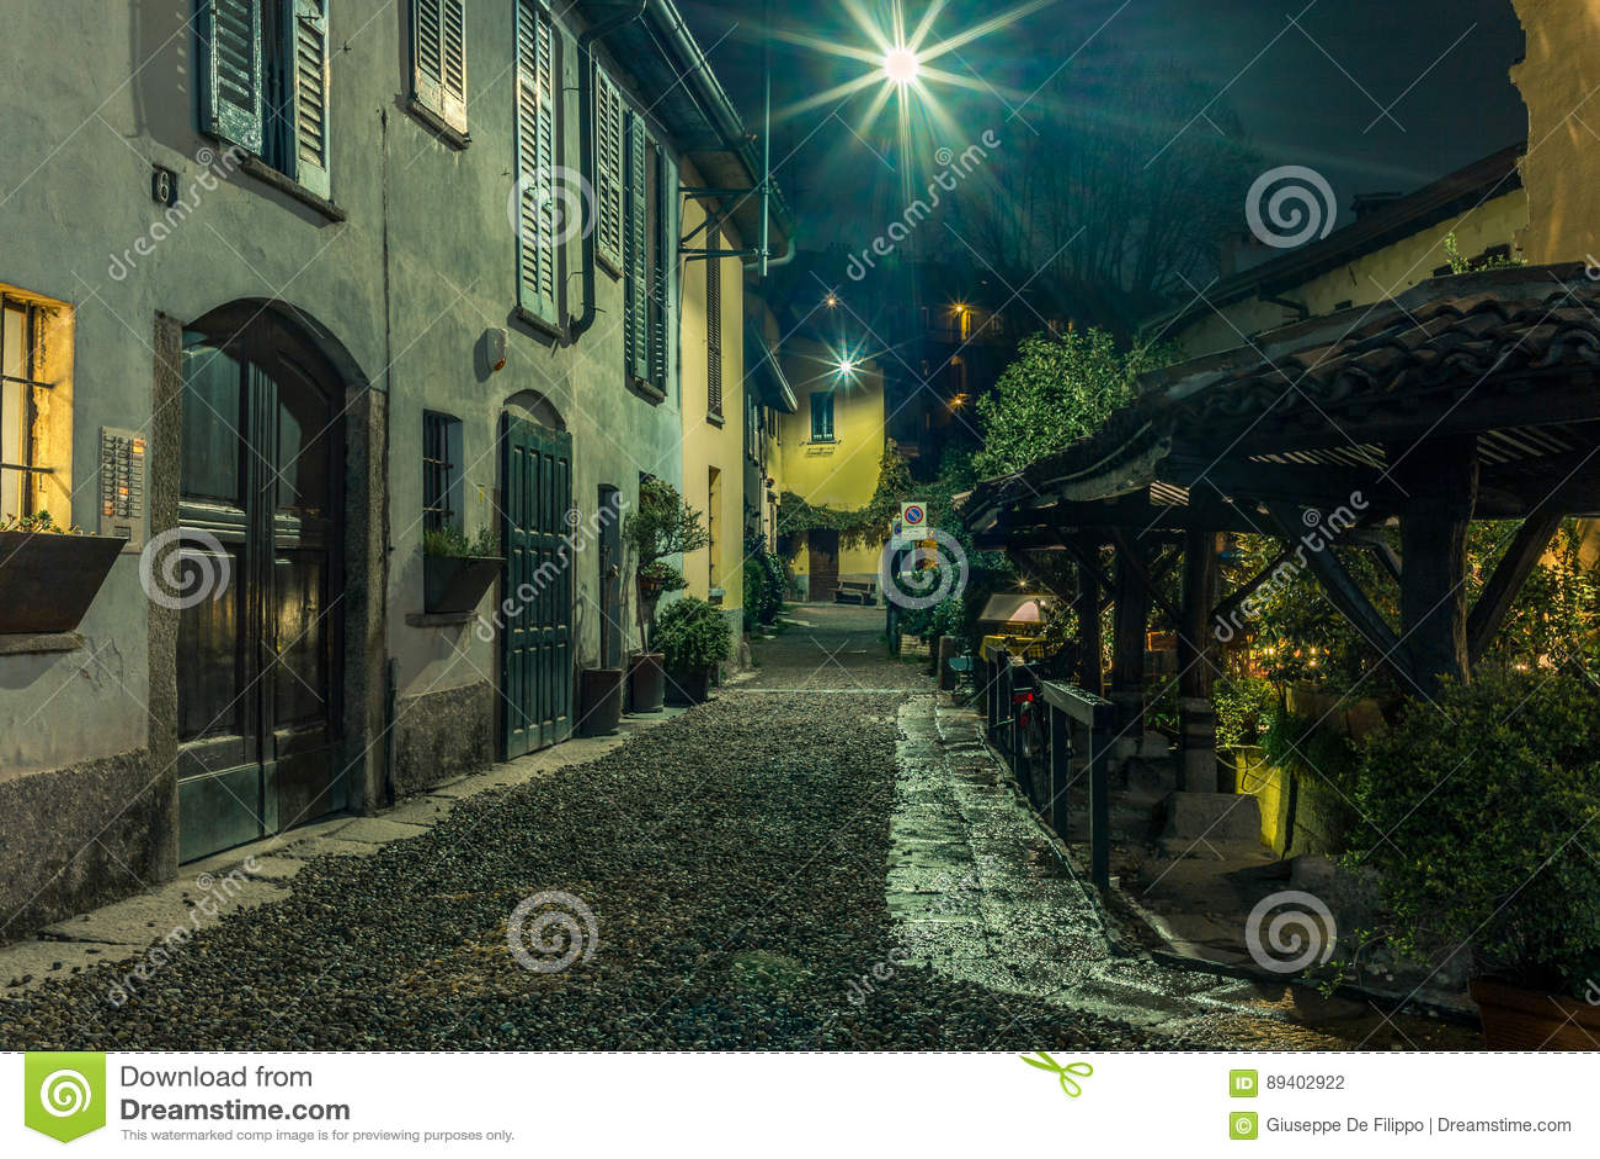 Rua medieval velha em Milão na noite - 1